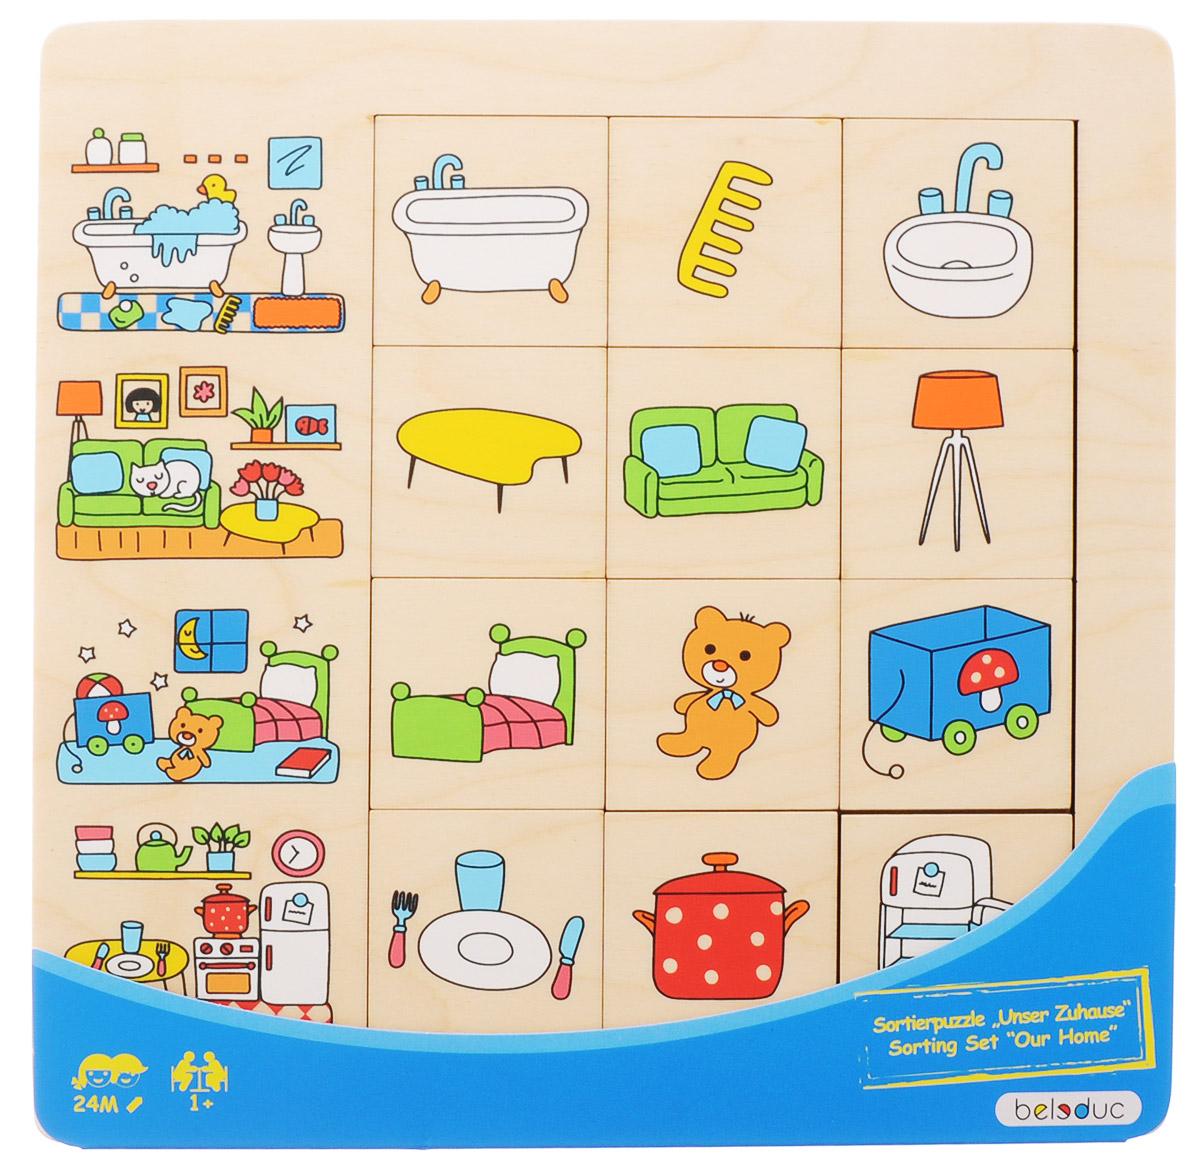 Beleduc Пазл для малышей Наш дом11040Пазл для малышей Beleduc Наш дом - прекрасная развивающая игрушка для каждого ребенка. В какой части дома можно найти кастрюлю? Играя в этот пазл, дети узнают о вещах повседневного быта и познакомятся с комнатами дома или квартиры. Пазл развивает мышление, логику, моторику, коммуникативные навыки. Пазл изготовлен из высококачественного дерева, покрыт безопасными красками.